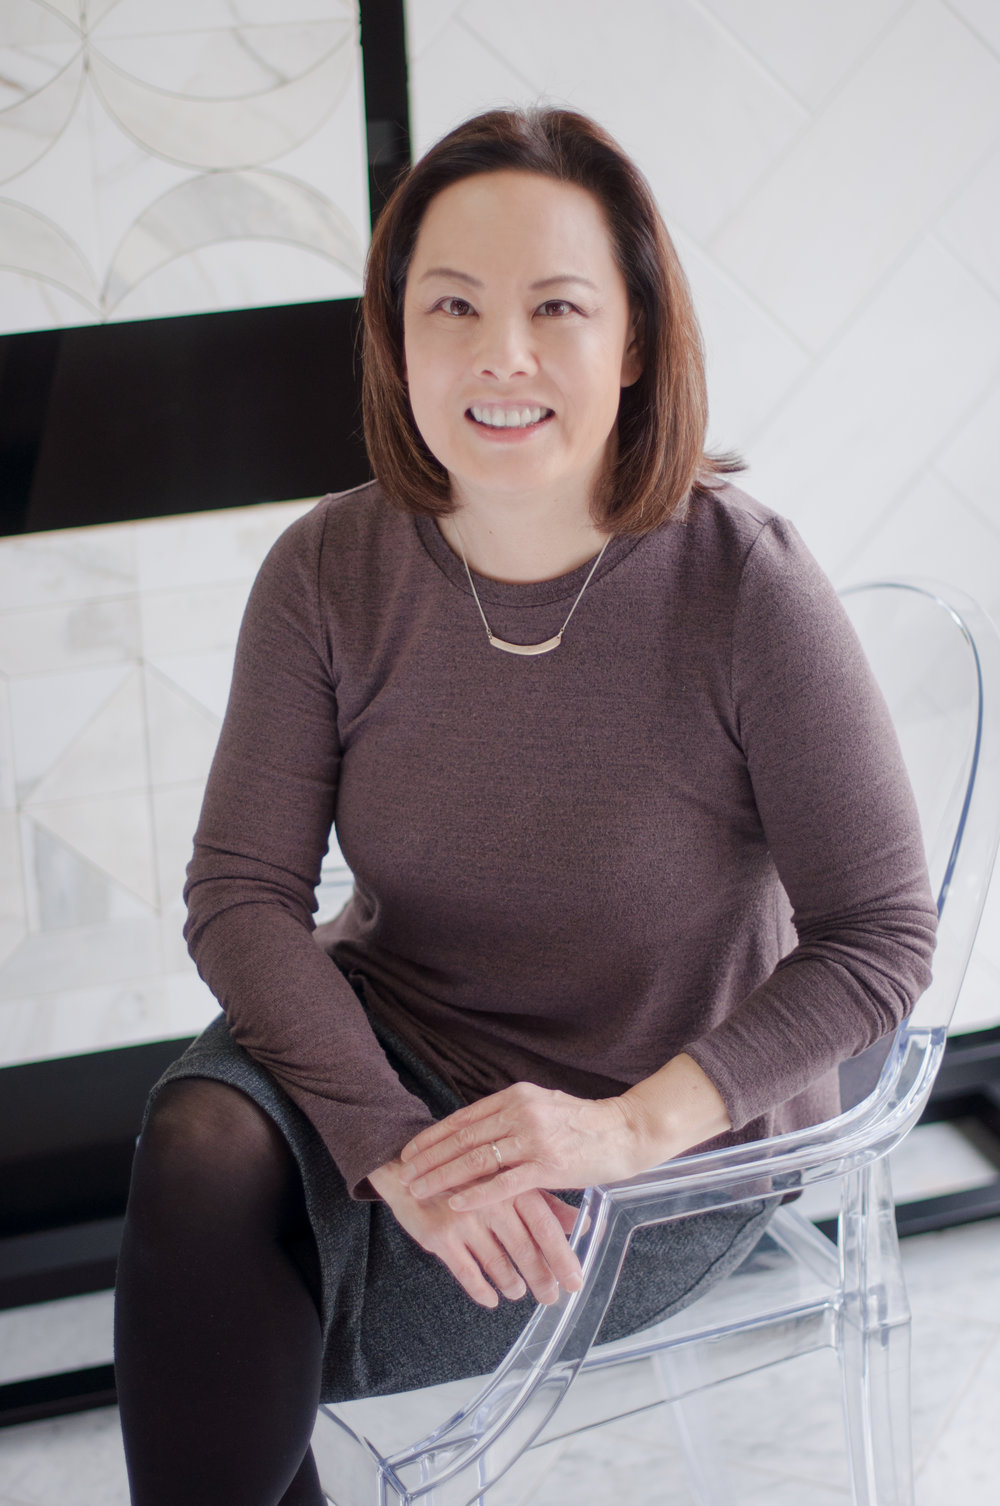 Caryl Hoffman - CK Hoffman Designckhoffmandesign.houzz.comcarylkhoff@gmail.com